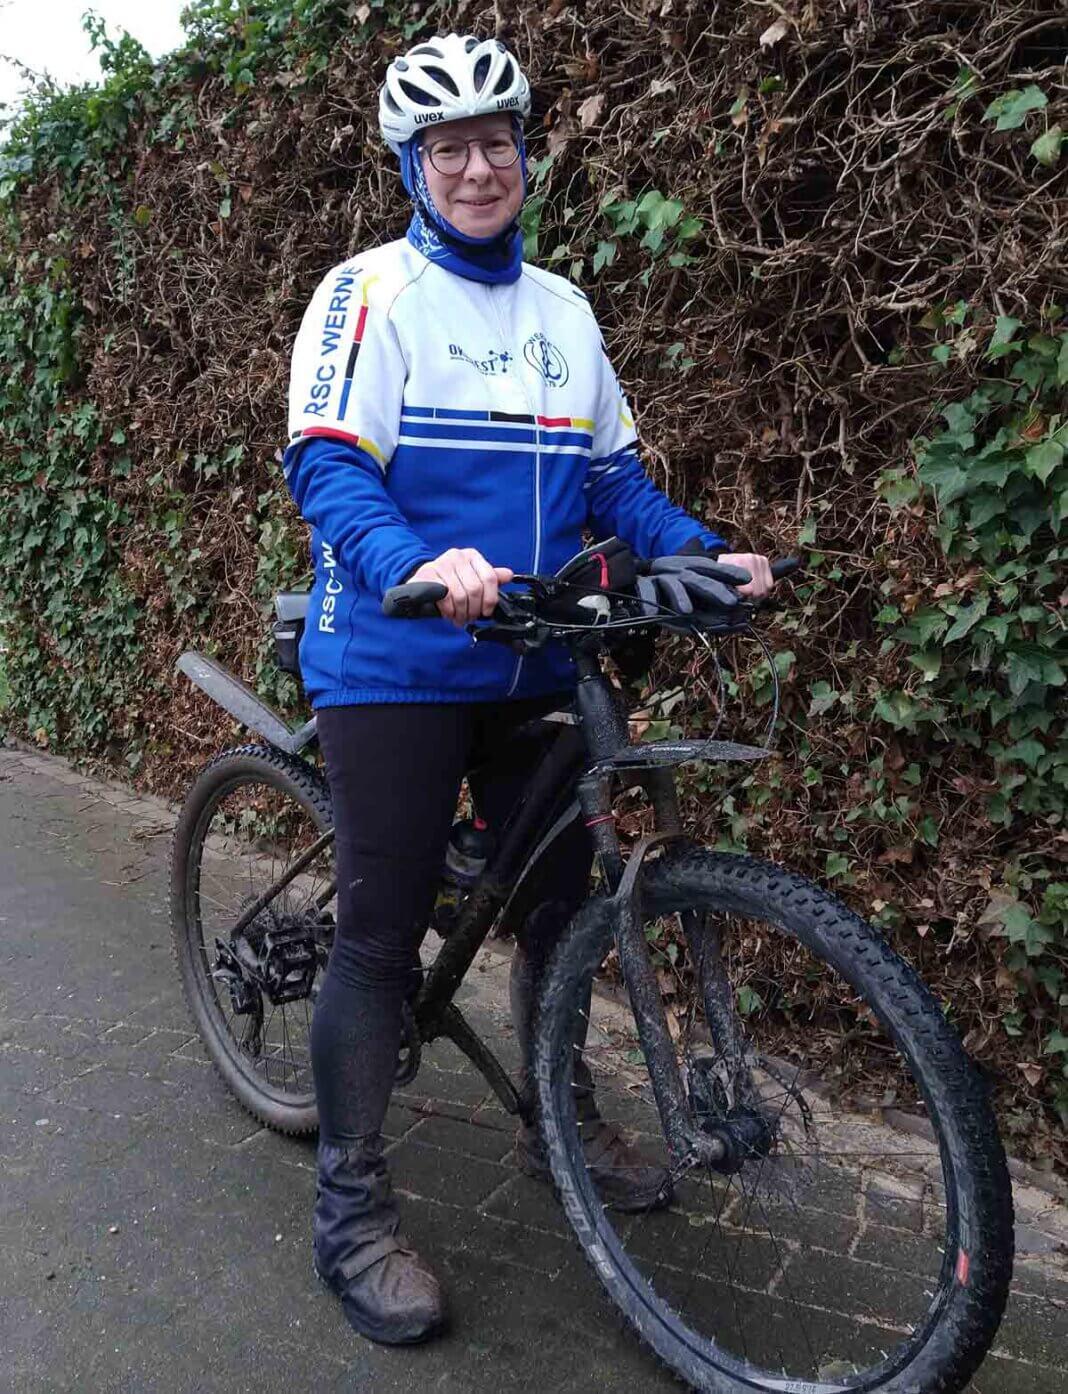 RSC-Touristikwartin Monika Biermann hatte am 31. Dezember 2020 411 Kilometer in acht Tagen zurückgelegt und die Challenge damit gemeistert. Foto: Biermann